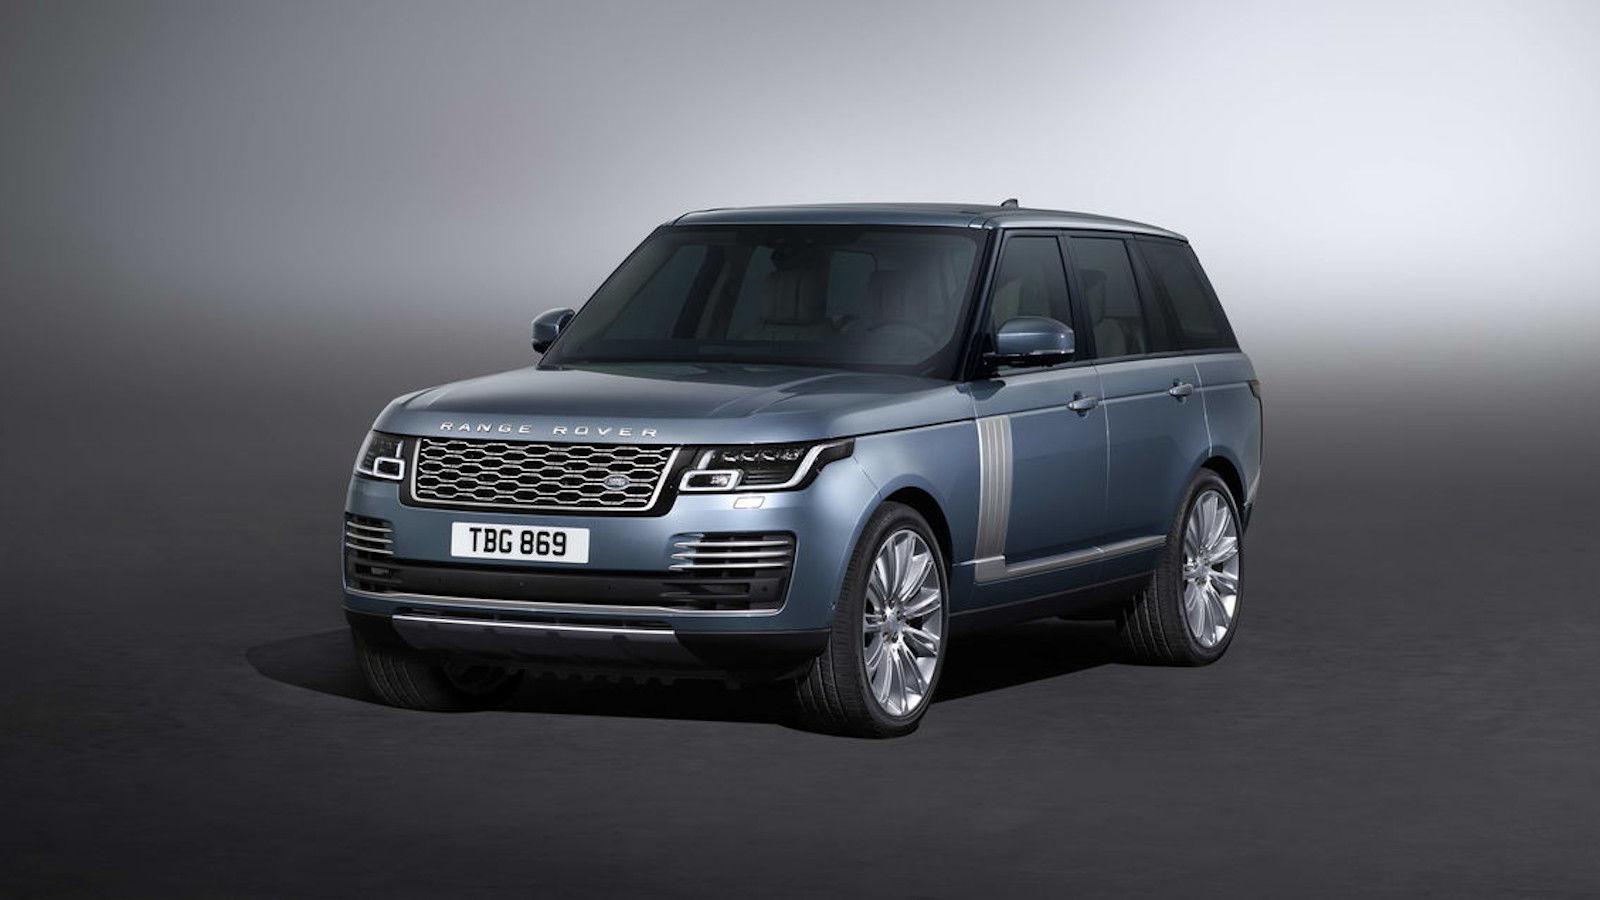 全新改款 RANGE ROVER 與 RANGE ROVER SPORT 預售啟動 | Land Rover 臺灣